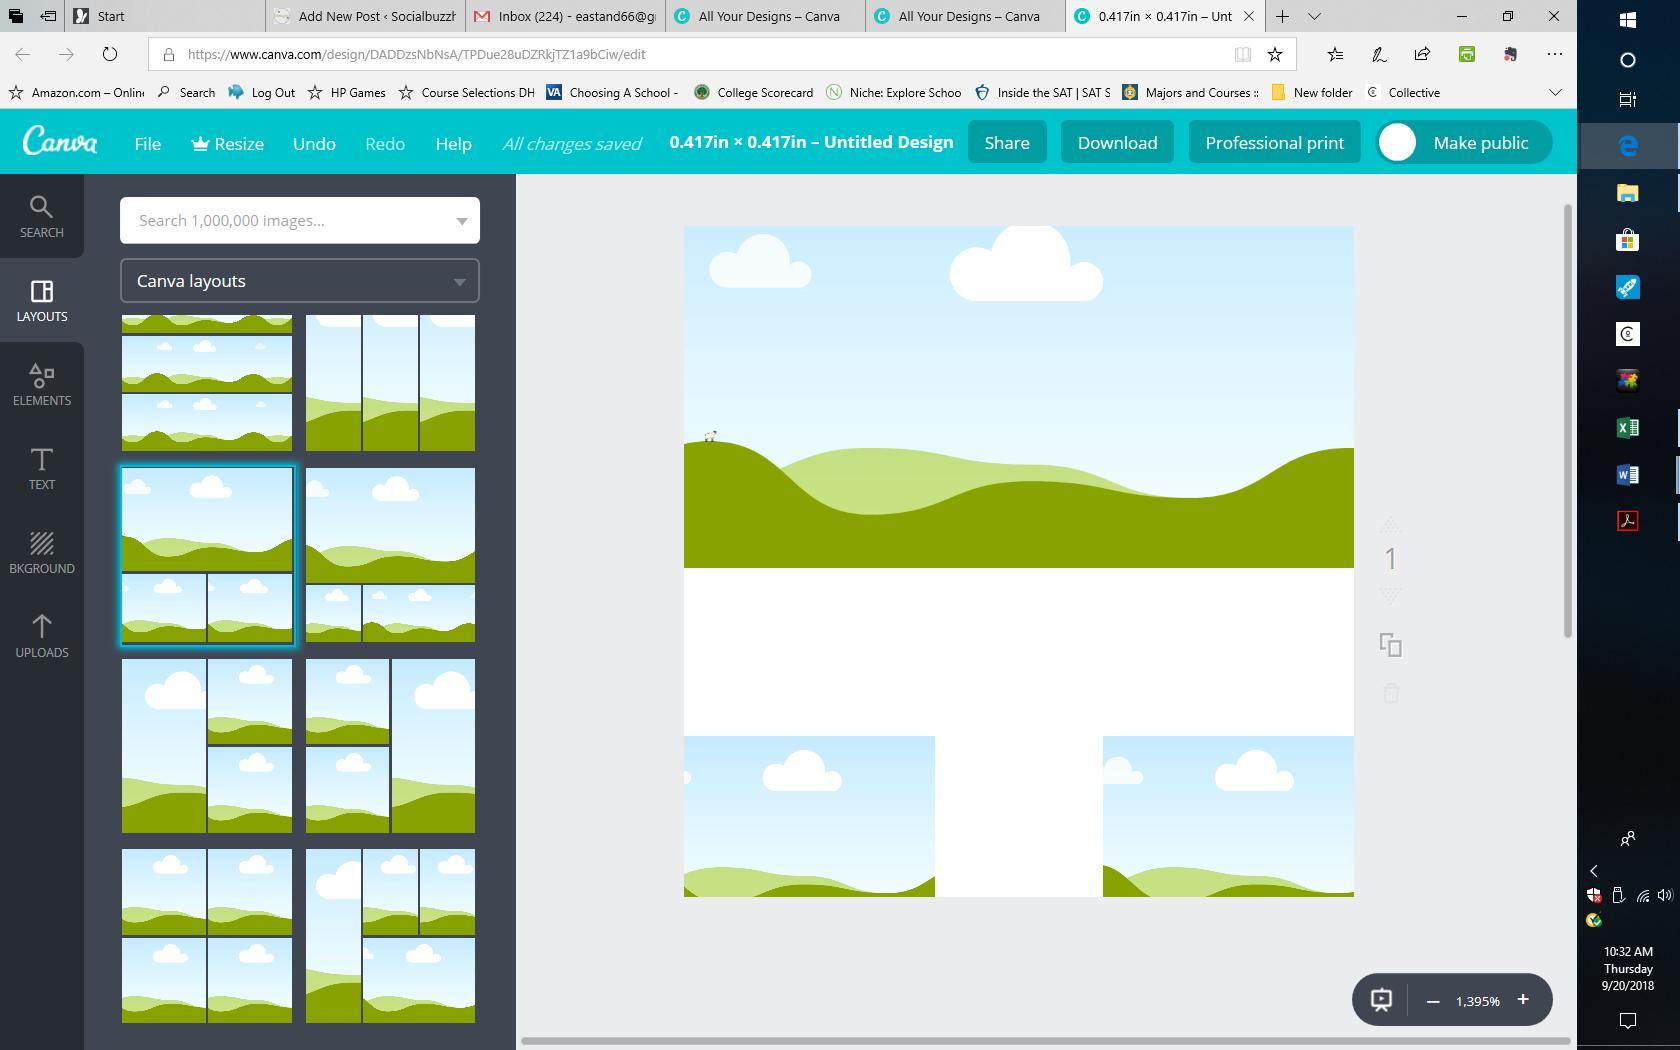 canva layout image